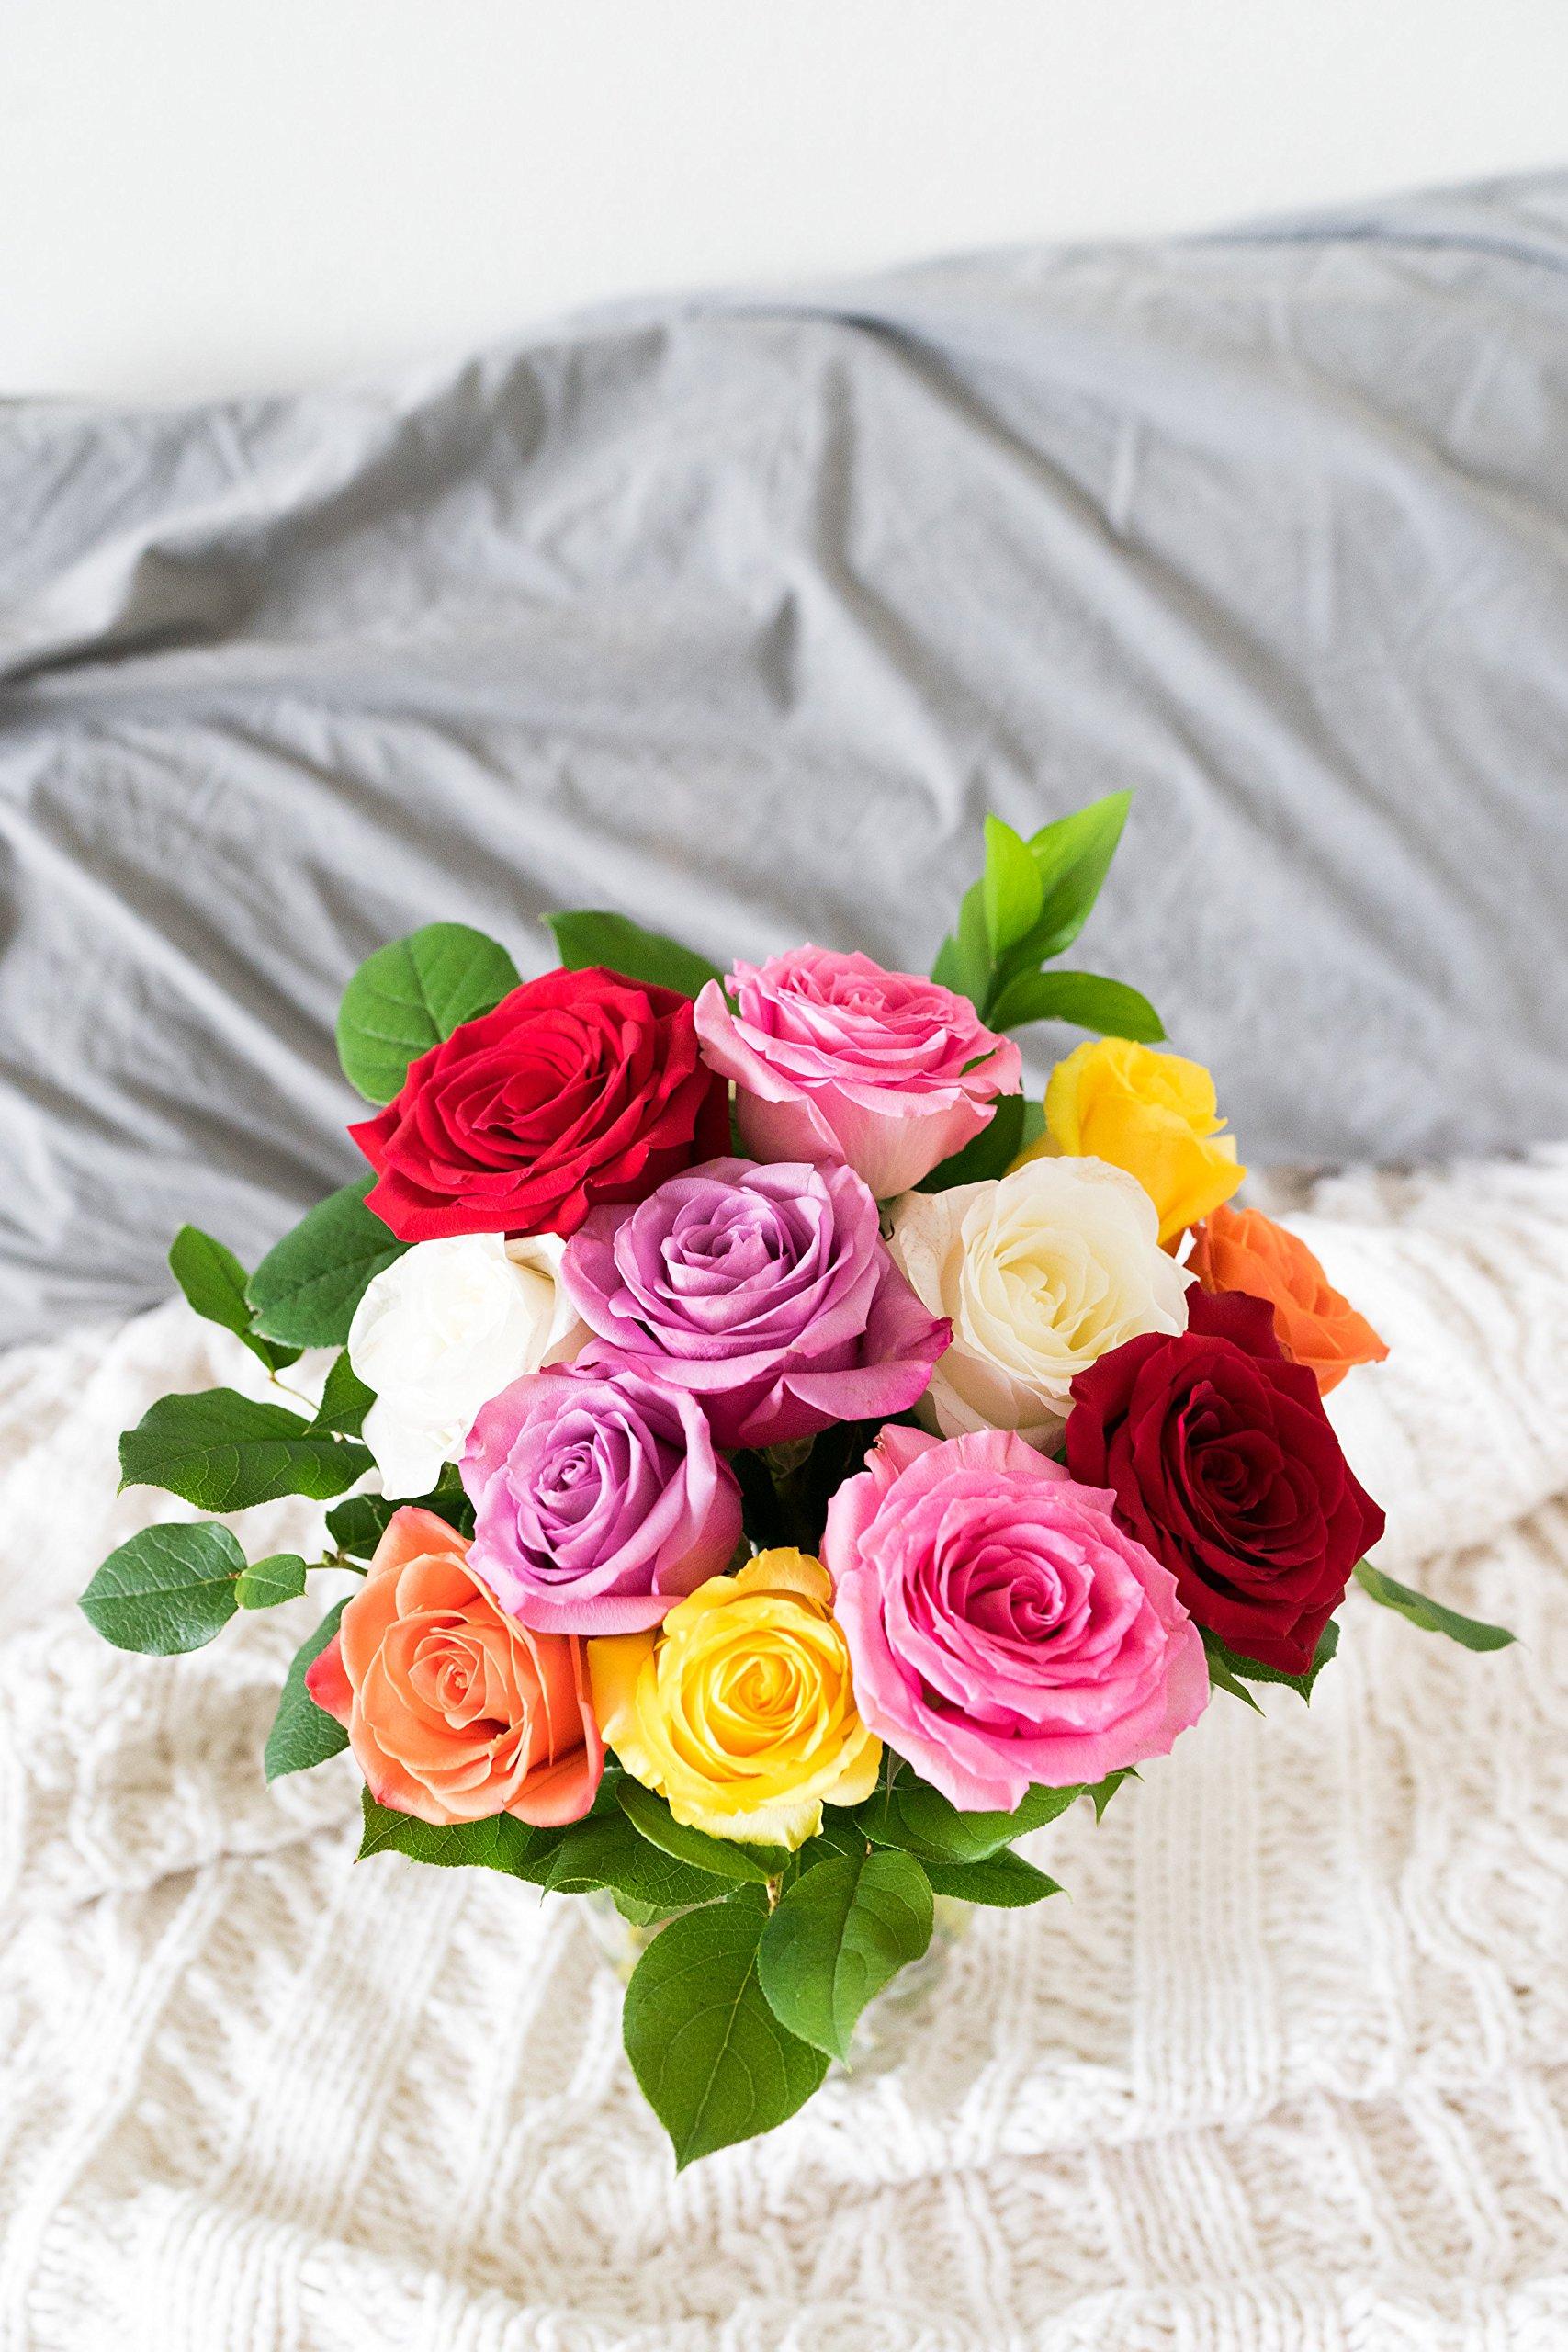 Flowers - One Dozen Rainbow Roses